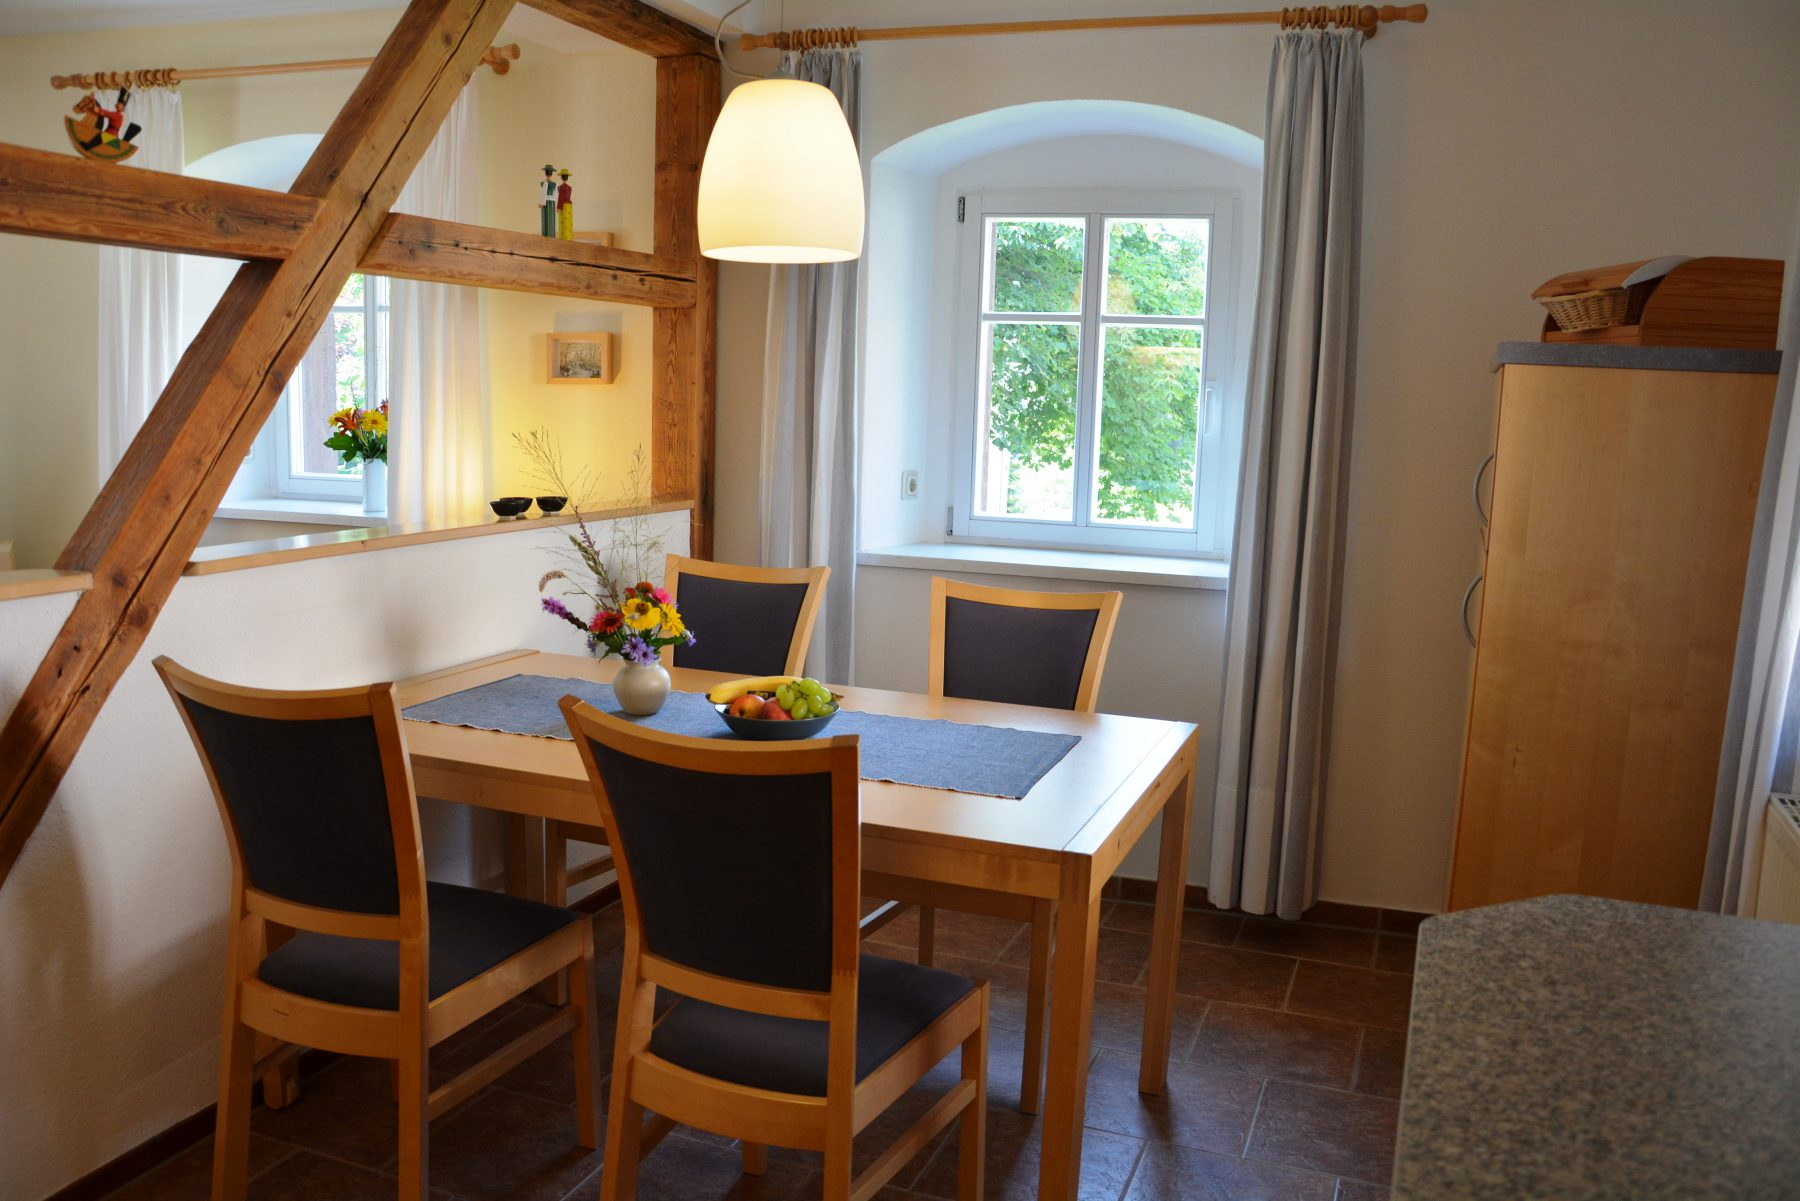 Ferienwohnung imVerlegerhaus Seiffen Kategorie S5***** Detail Küche